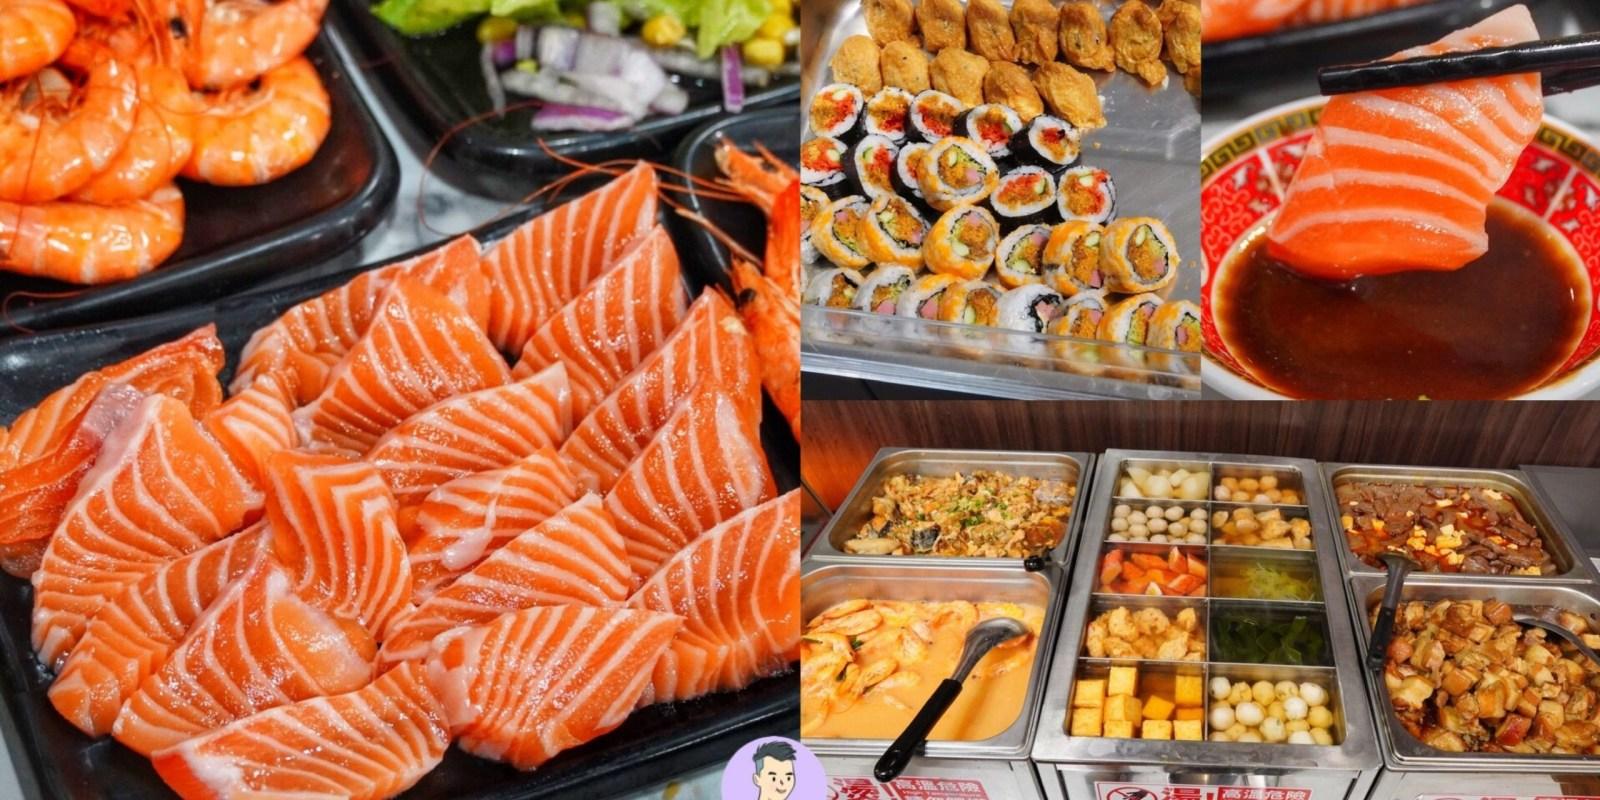 【台南美食】三飽 Mr.Bao 鮭魚生魚片任你吃!每人260元 鮮蝦/壽司/沙拉/熱食/水果/冰淇淋/飲料/炸物 自助吧無限量供應